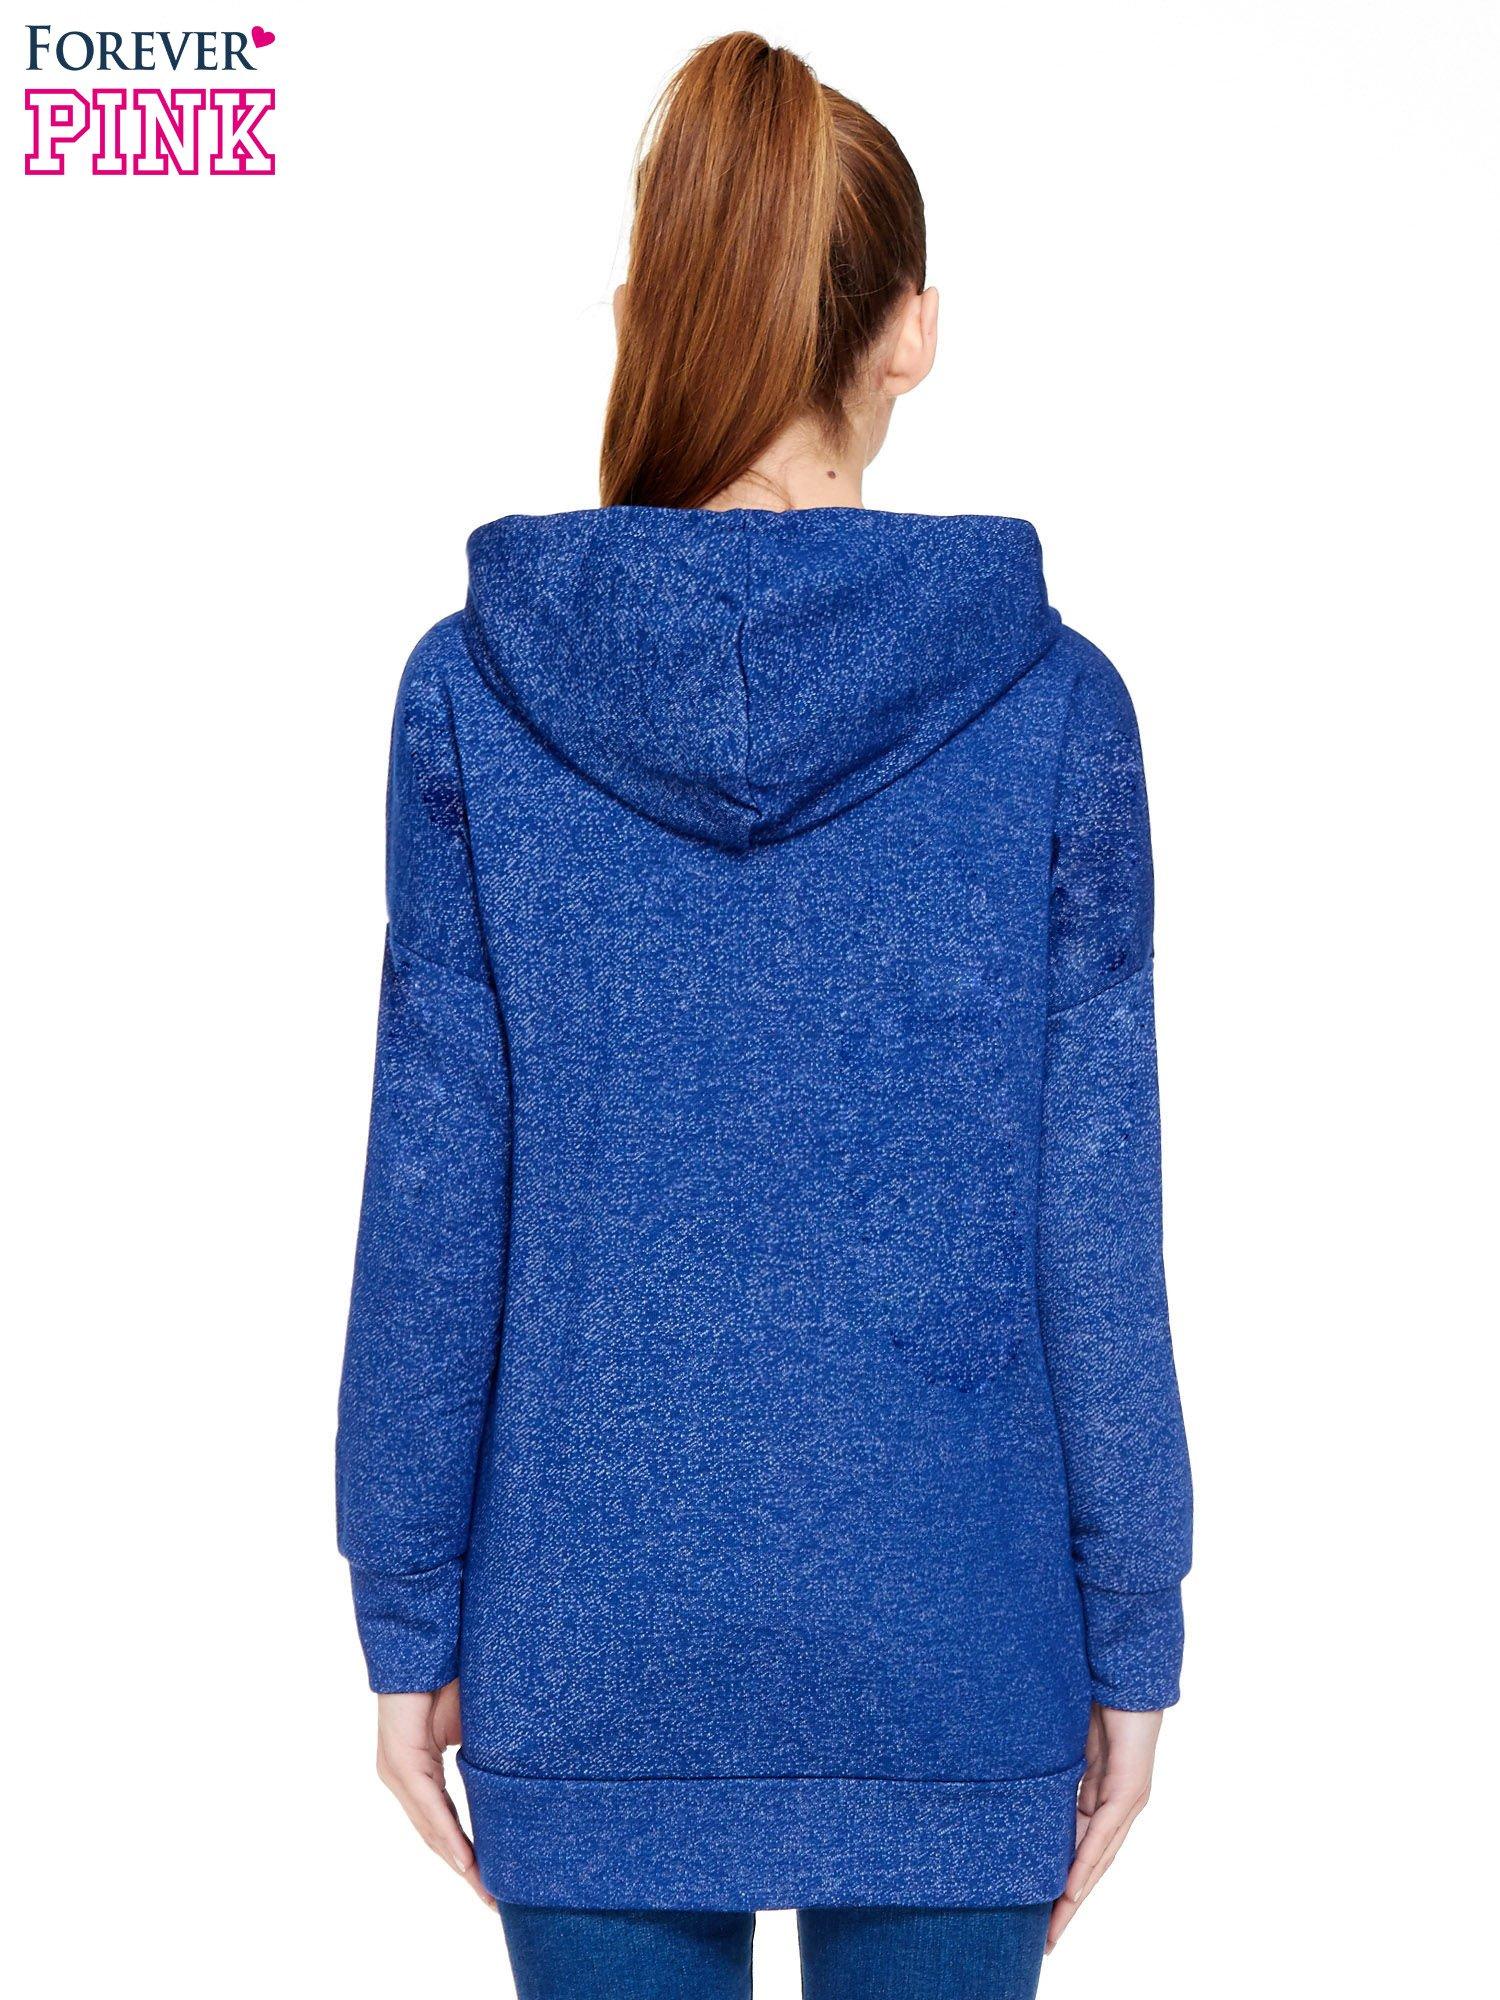 Granatowa bluza dresowa z kapturem z materiału a'la denim                                  zdj.                                  4